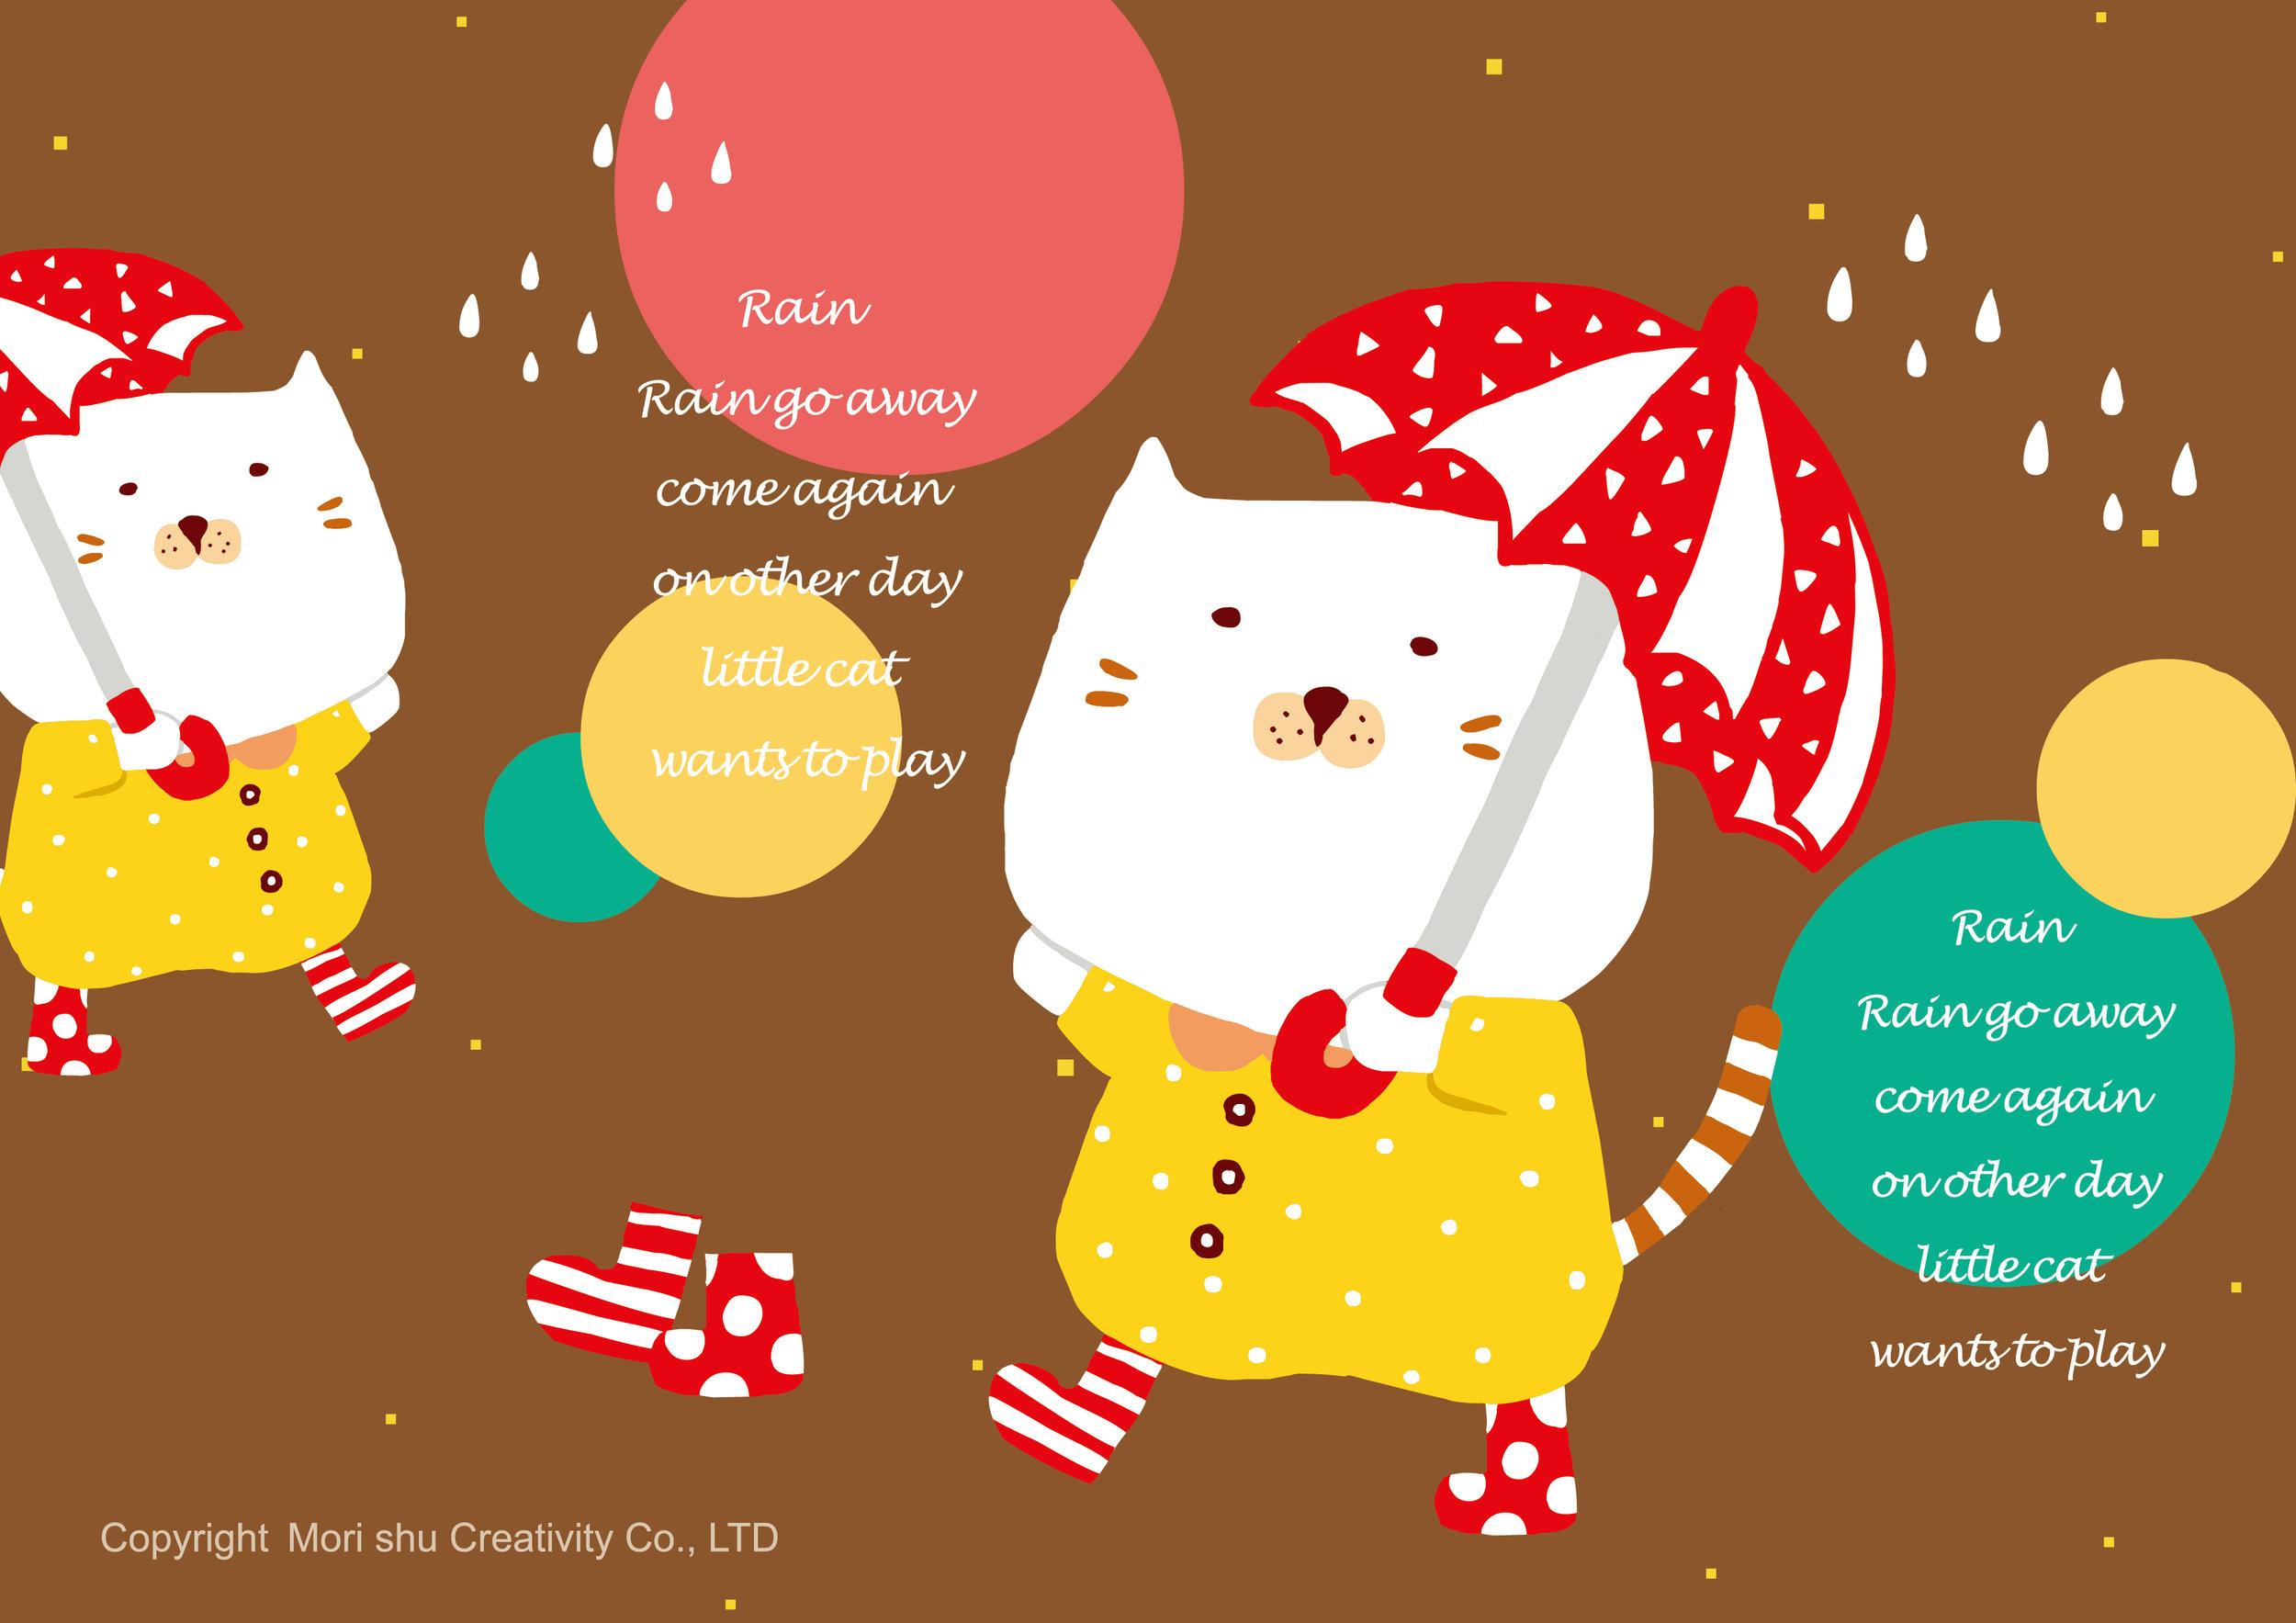 guidebook_cat_05-01.jpg